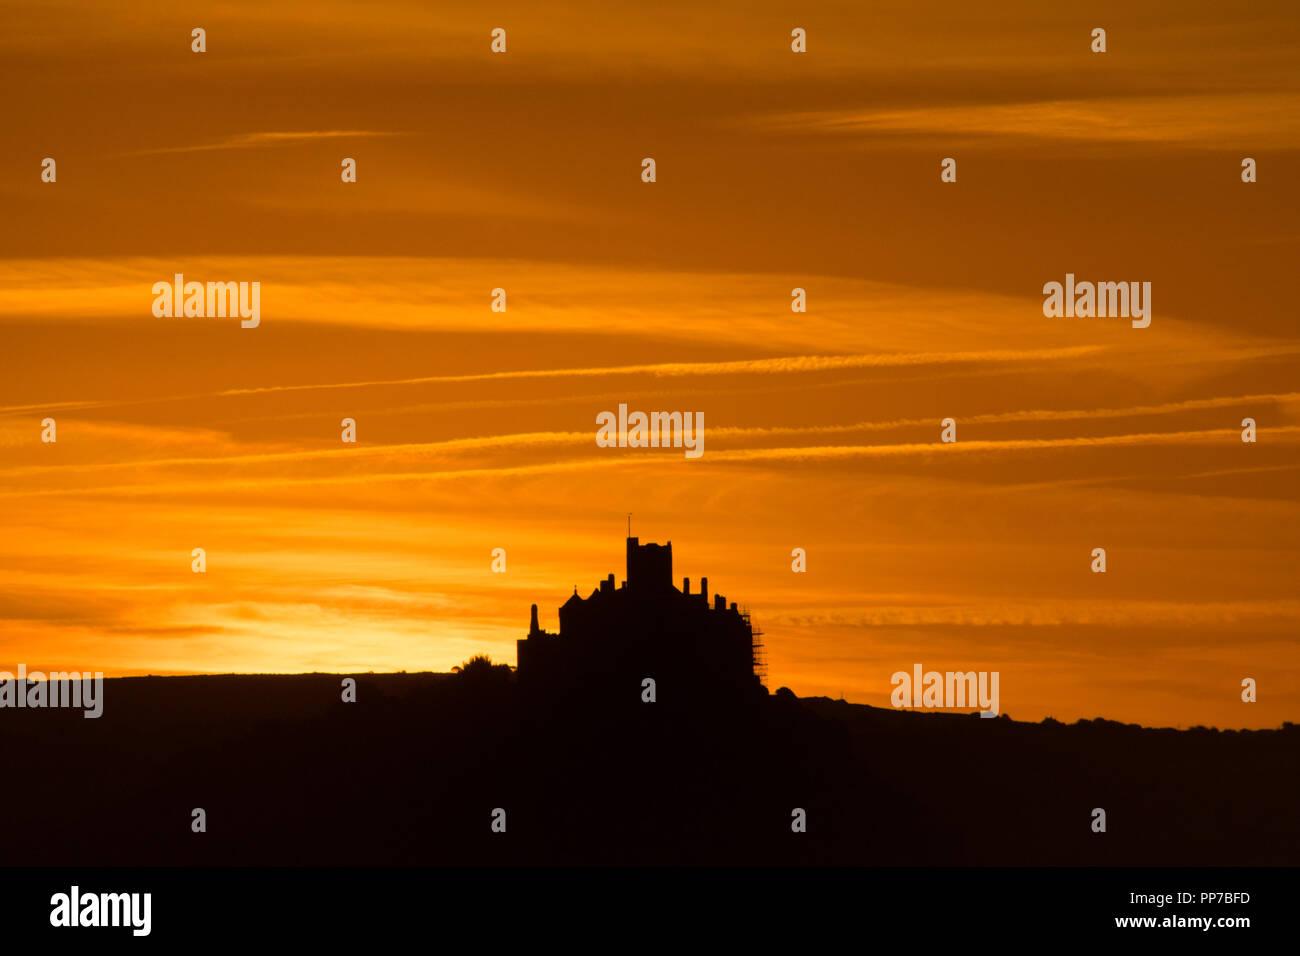 Penzance, Cornwall, UK. 24. September 2018. UK Wetter. Frühe Wolken hob einen herrlichen Sonnenaufgang über dem Meer bei Mounts Bay in Cornwall zu diesem Morgen geben. Foto: Simon Maycock/Alamy leben Nachrichten Stockfoto